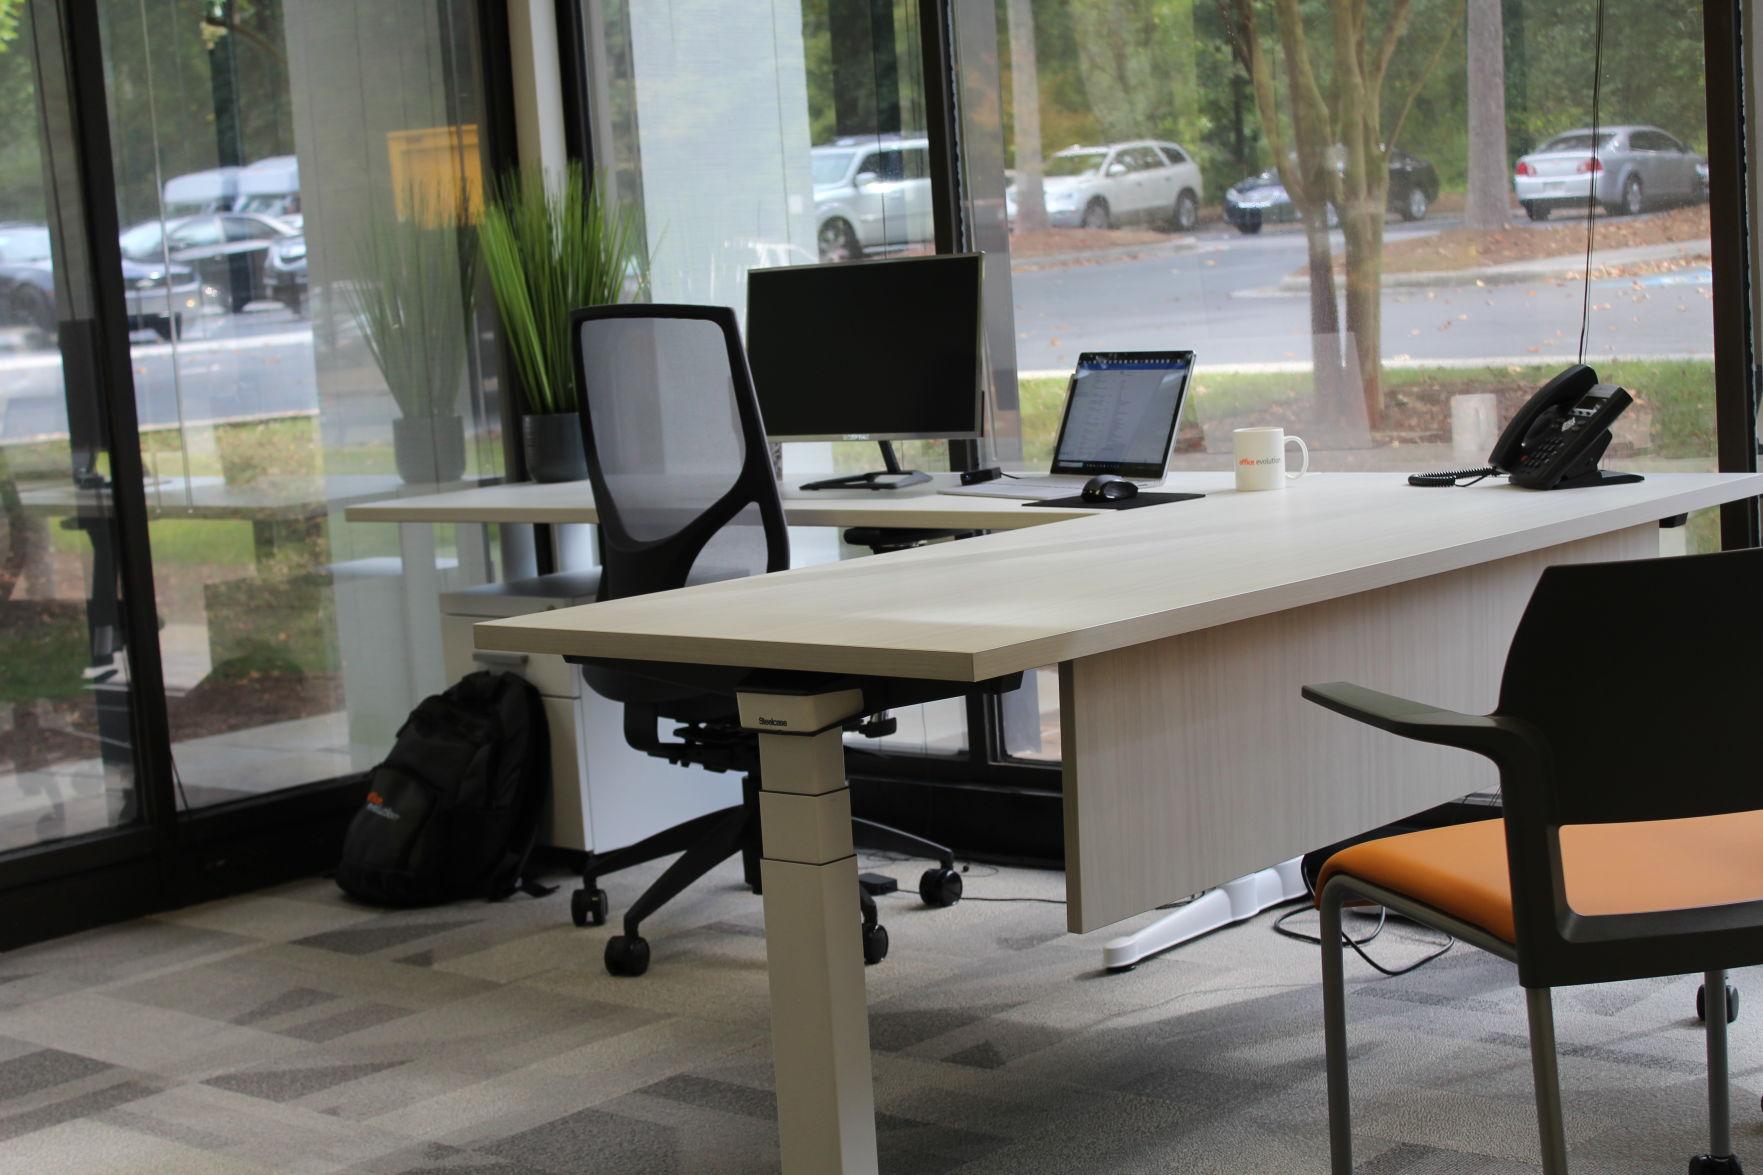 office evolution opens newest location in dekalb county dekalb rh mdjonline com